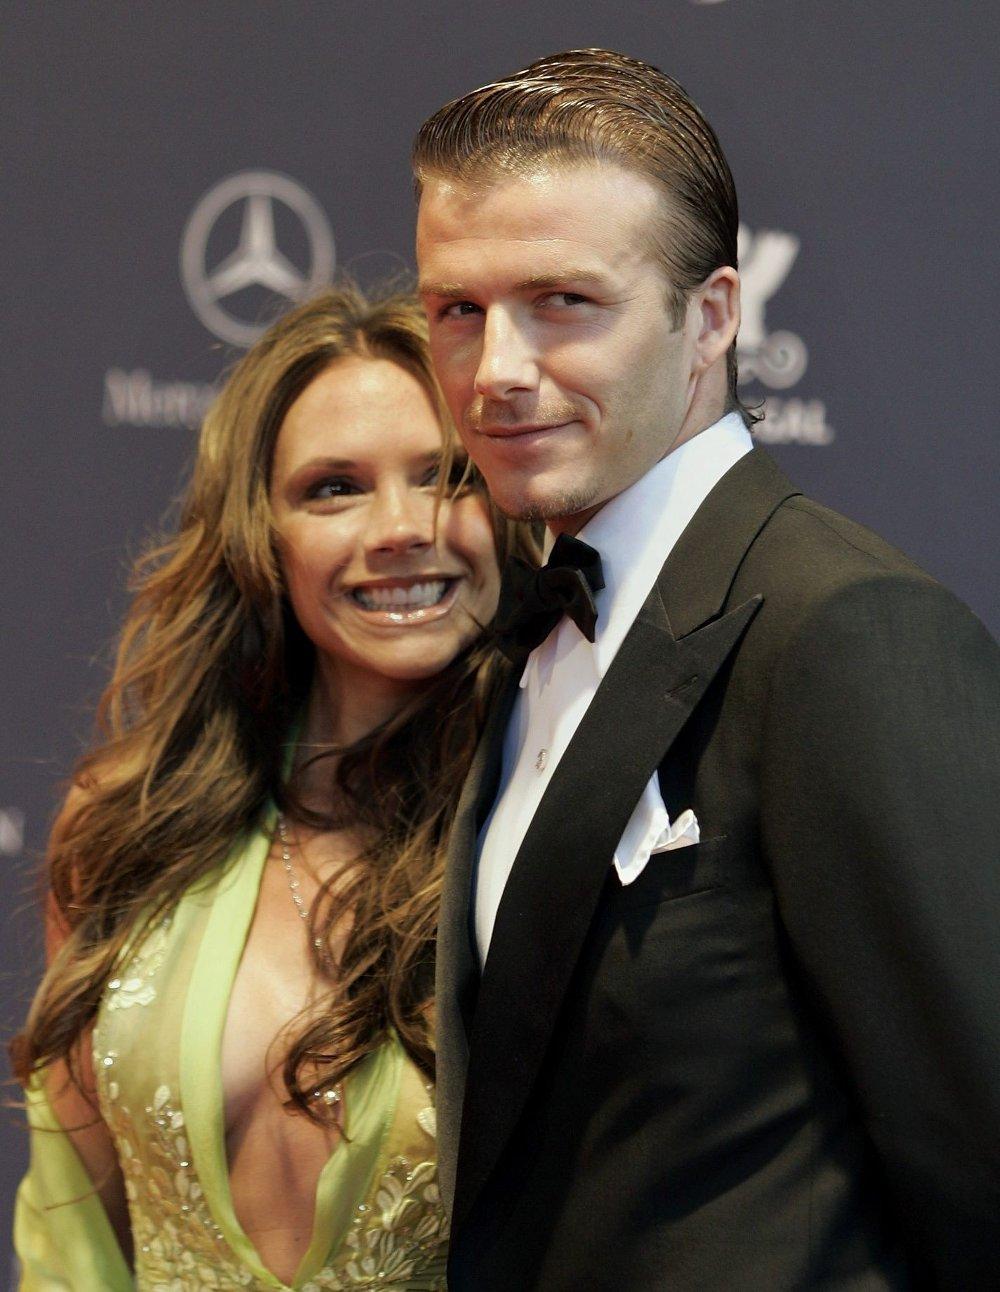 Klikk på bildet for å forstørre. STABILT PAR: David og Victoria Beckham har vært gift siden 1999. Her avbildet i 2005.